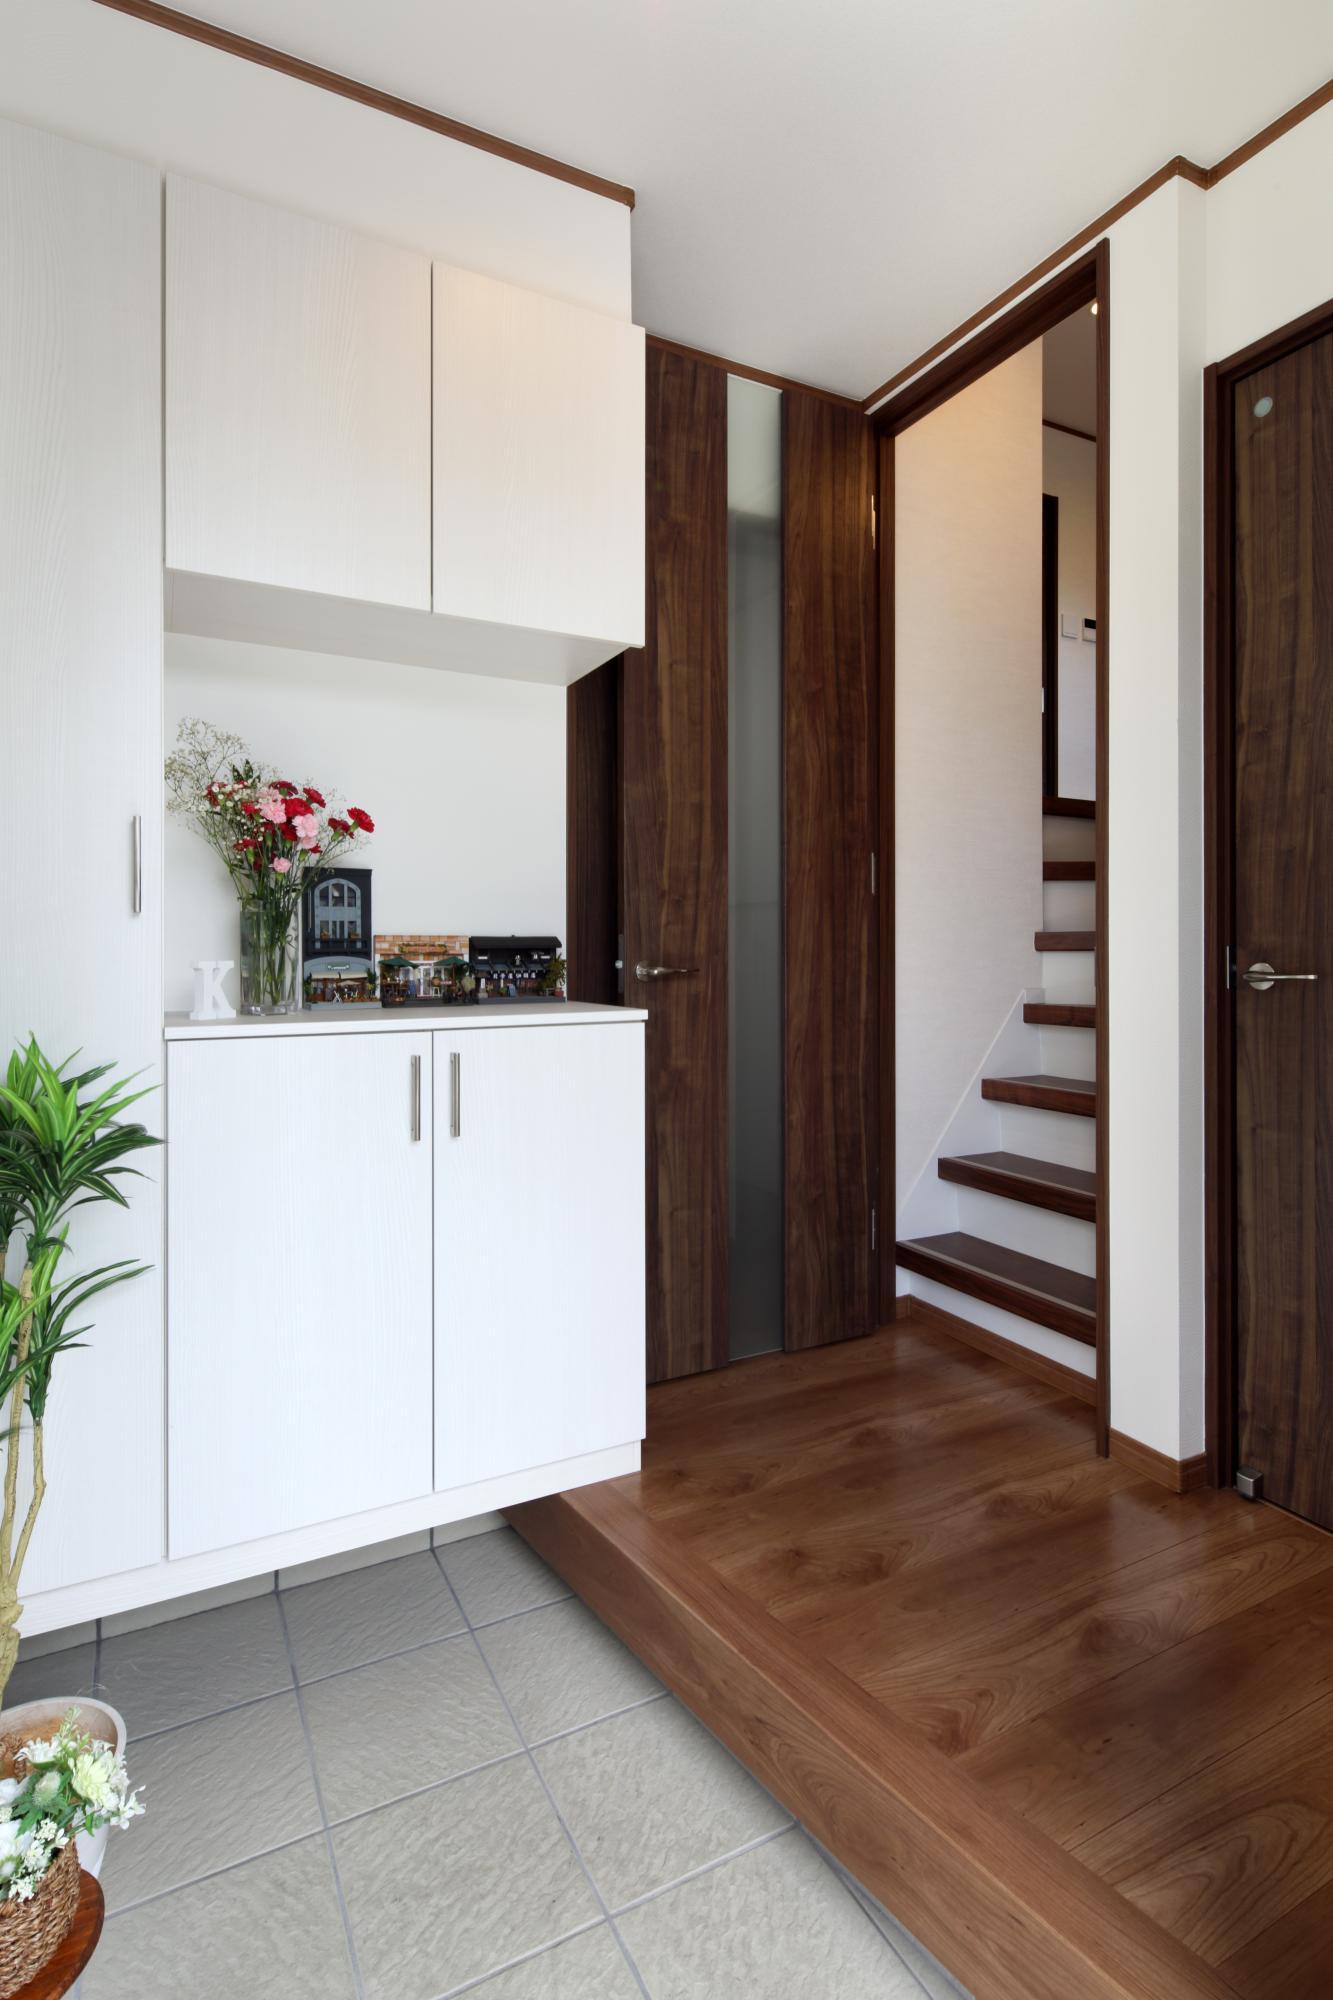 玄関にはシューズクロークなどの収納スペースを造作して片づけもスムーズ。 白を基調に家具類はダーク系で統一されています